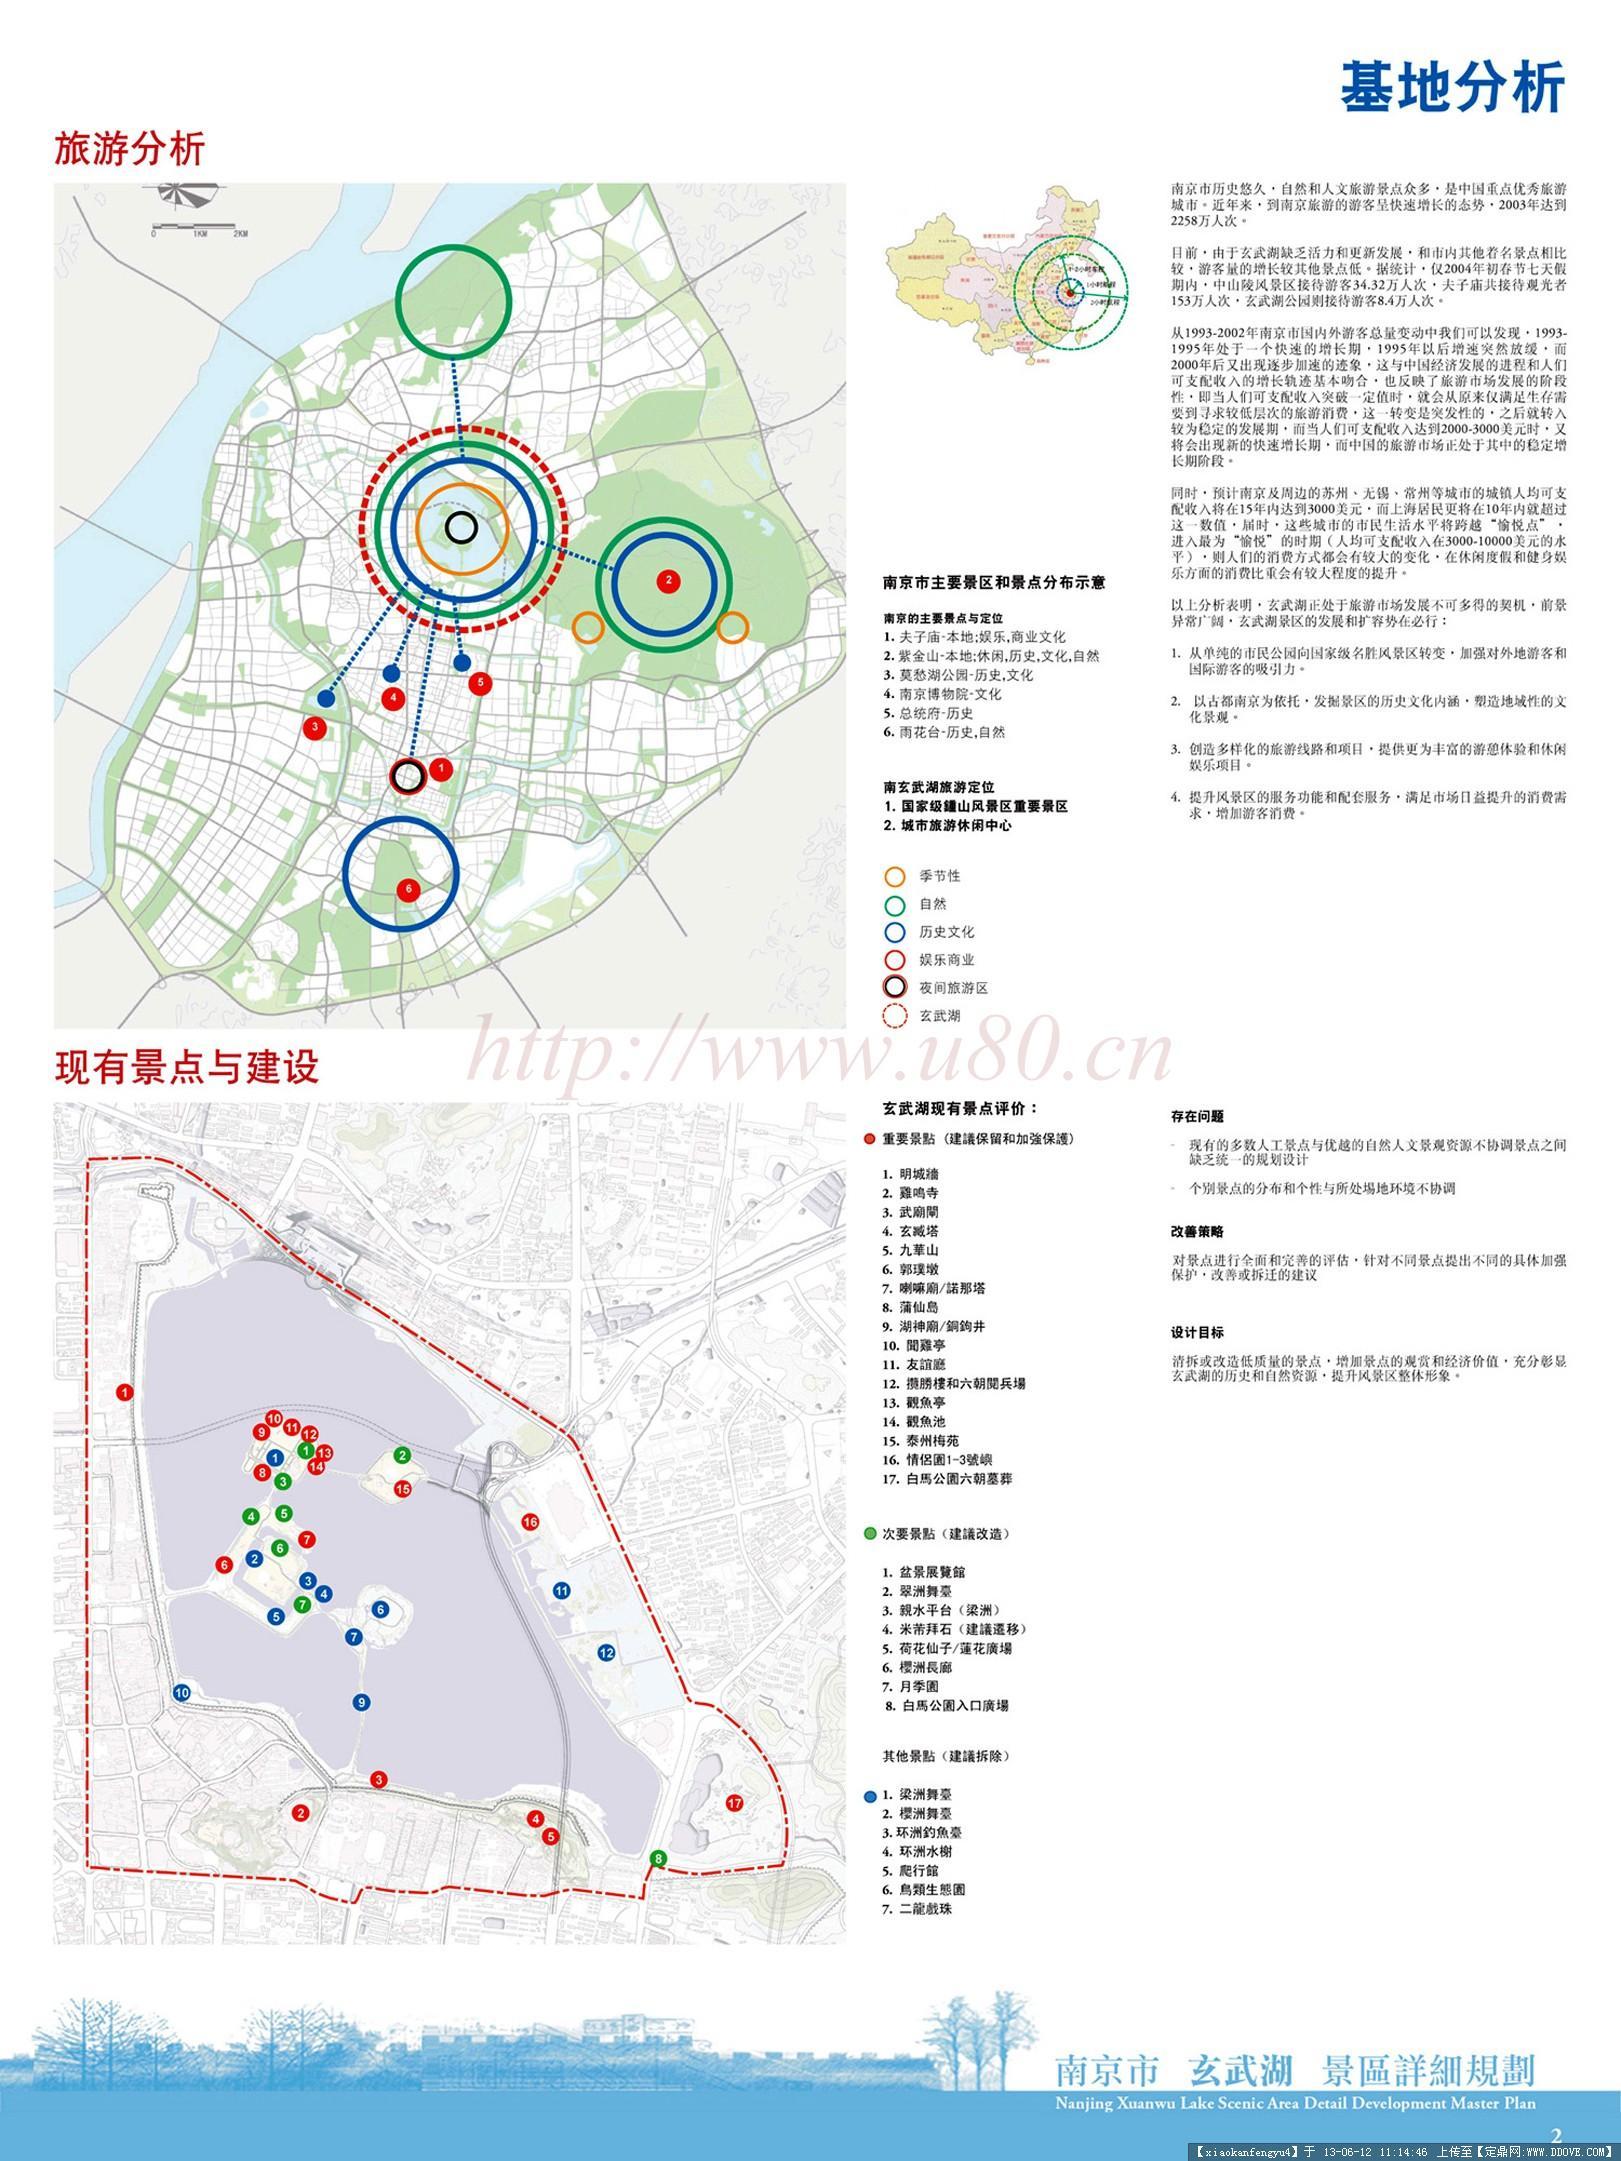 景观规划案例(南京玄武湖景区详细规划)-xwh03.